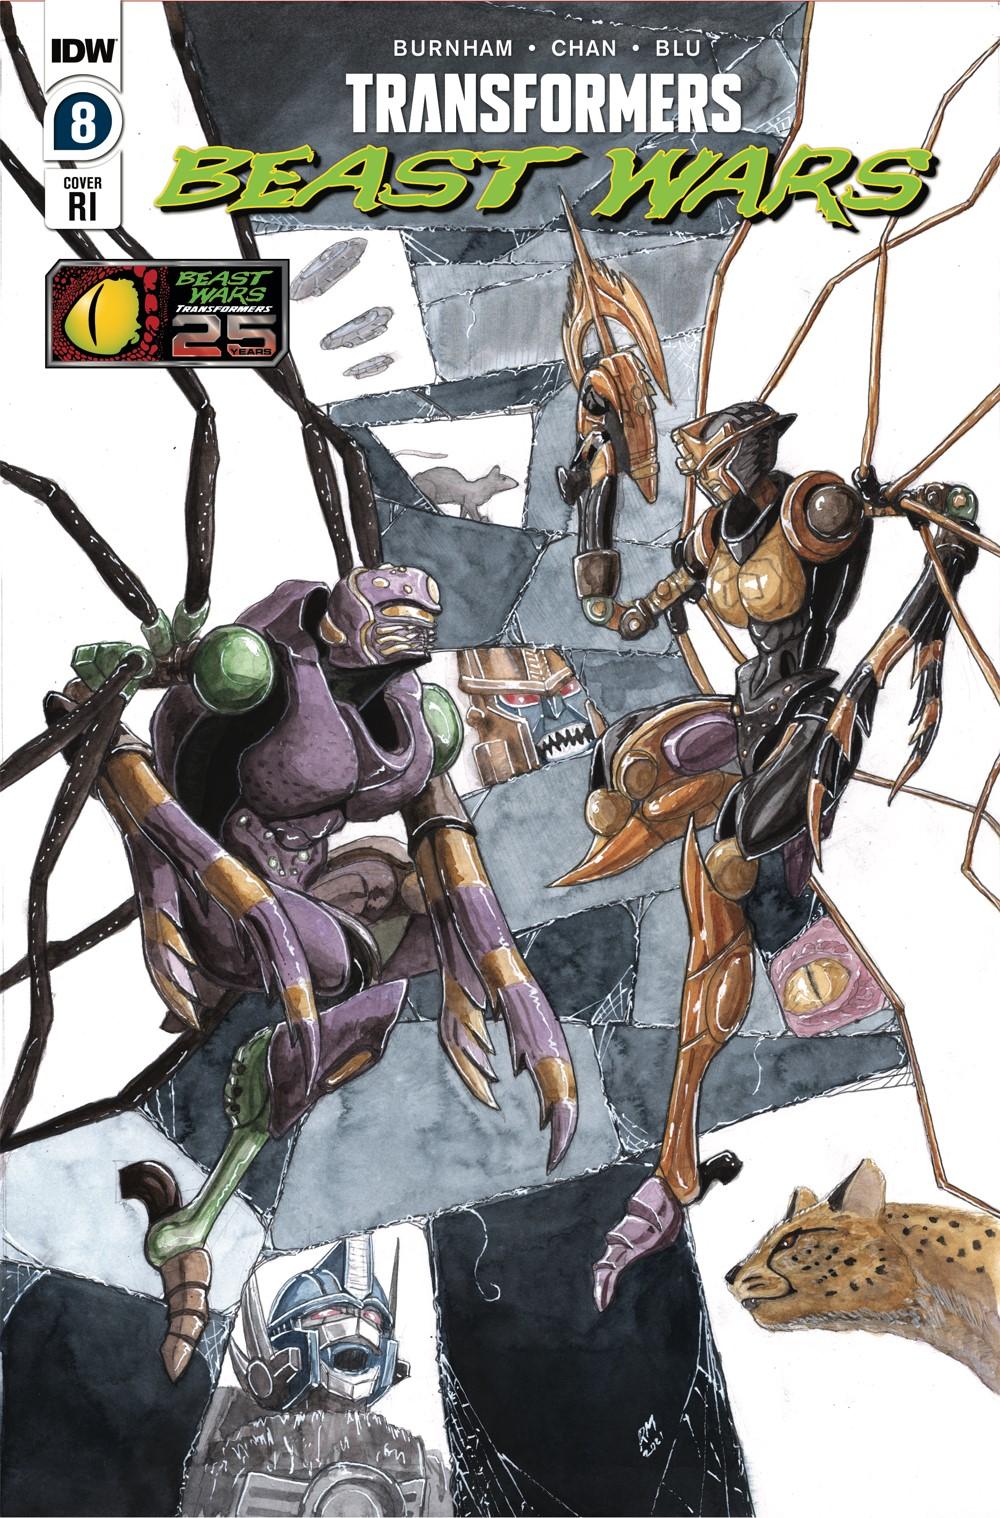 TFBW08-CvrRI ComicList Previews: TRANSFORMERS BEAST WARS #8